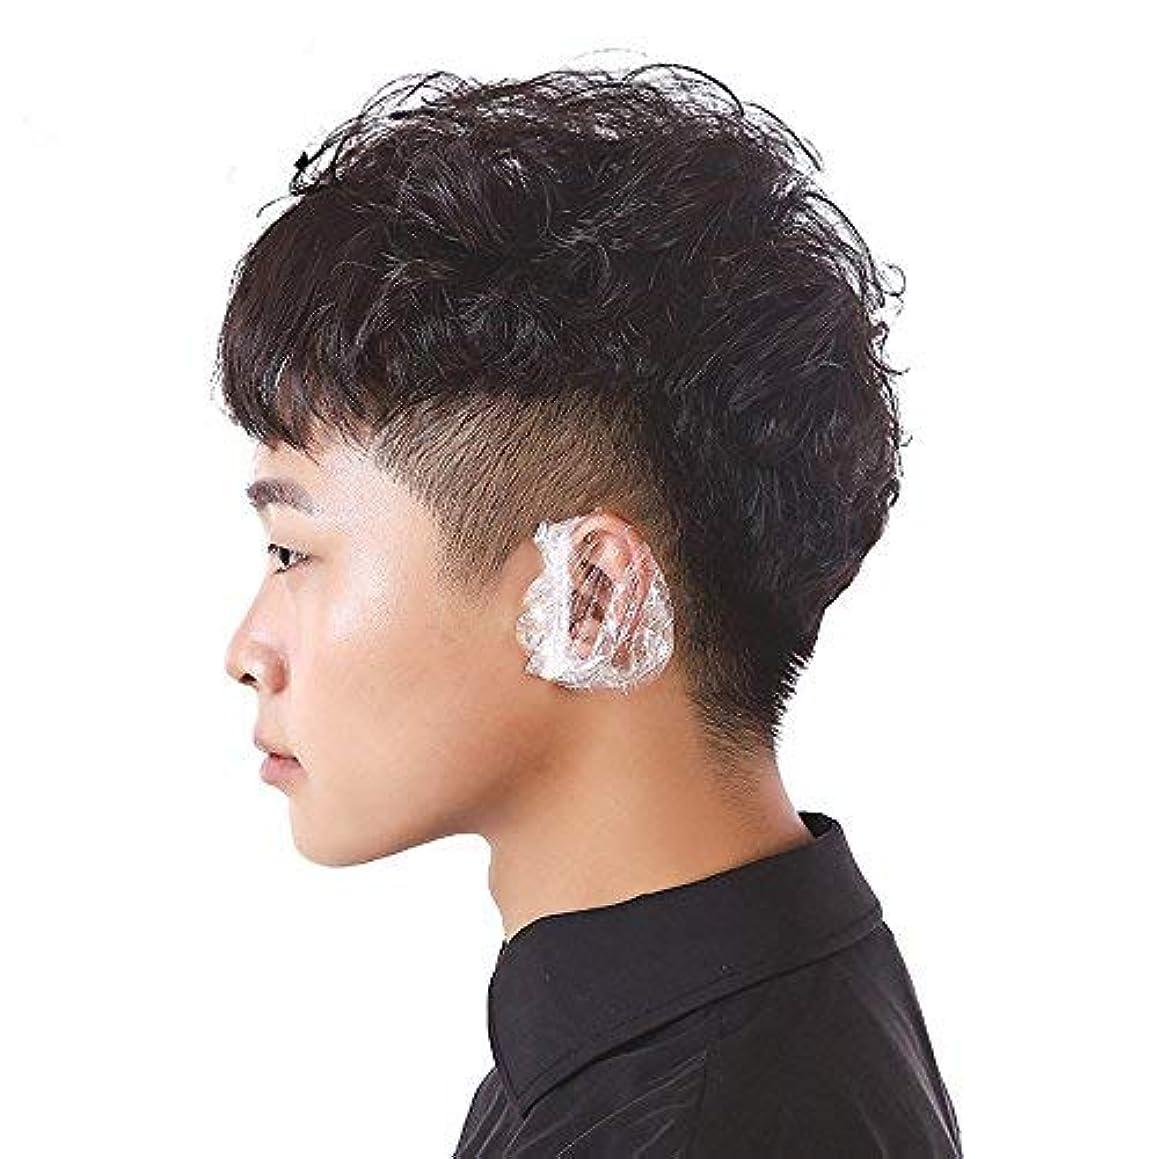 精通したペチコート政治家Milent イヤーキャップ 耳カバー 使い捨て 簡単 装着 衛生的 透明 毛染め 100pcs